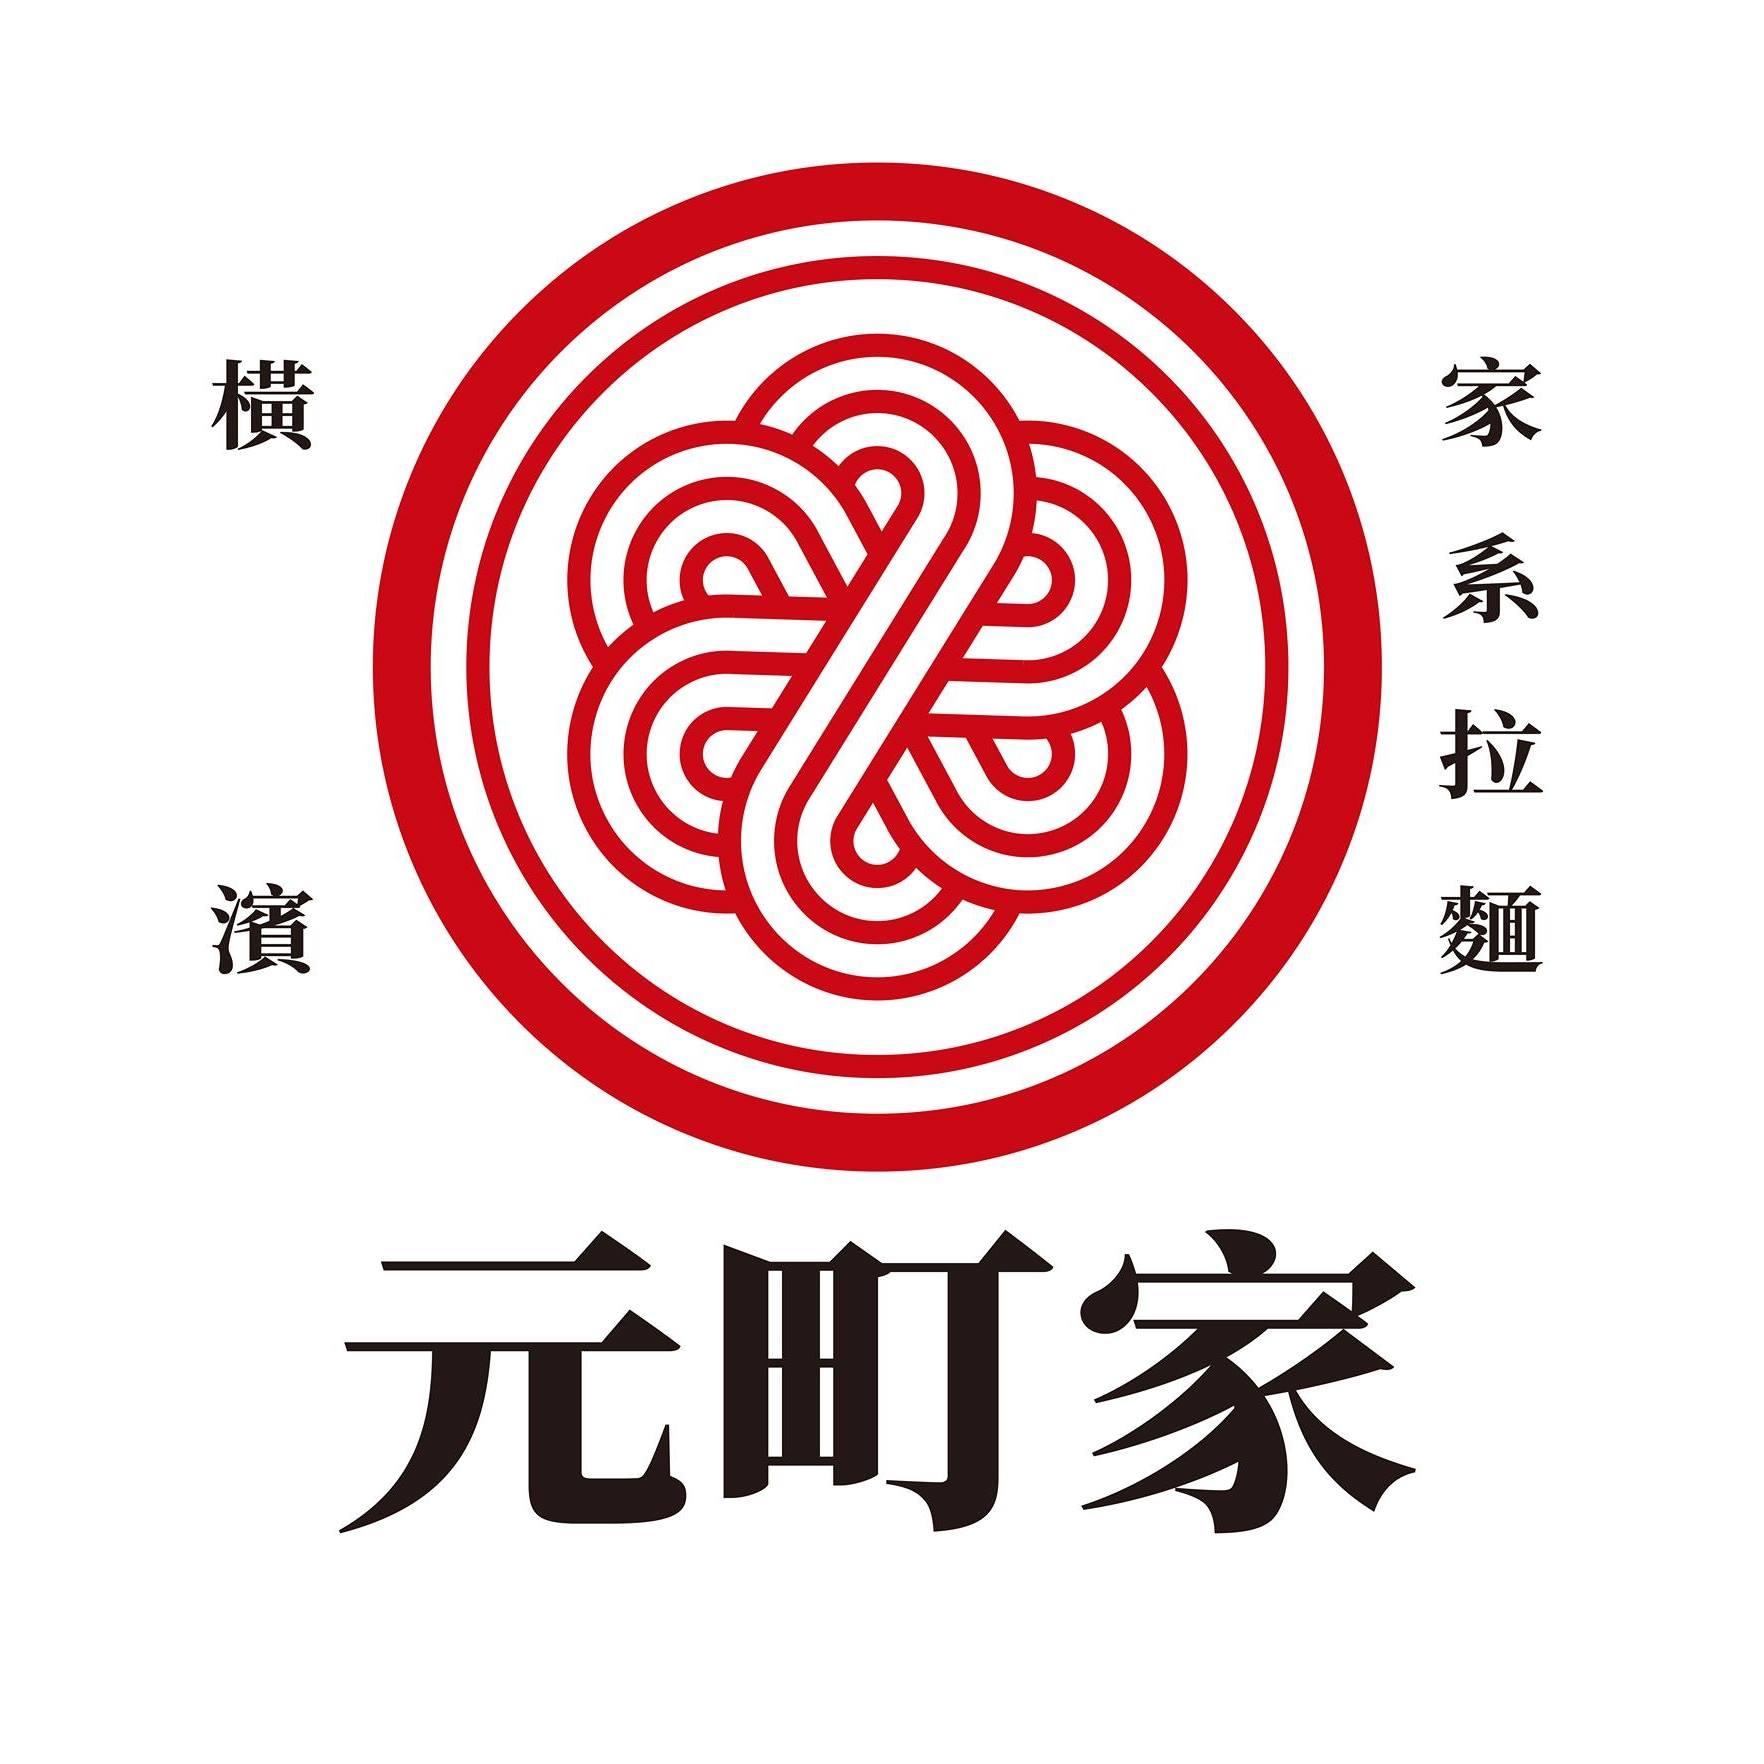 【菜單】元町家 橫濱家系拉麵菜單 2021年價目表 分店據點 元町家 橫濱家系拉麵